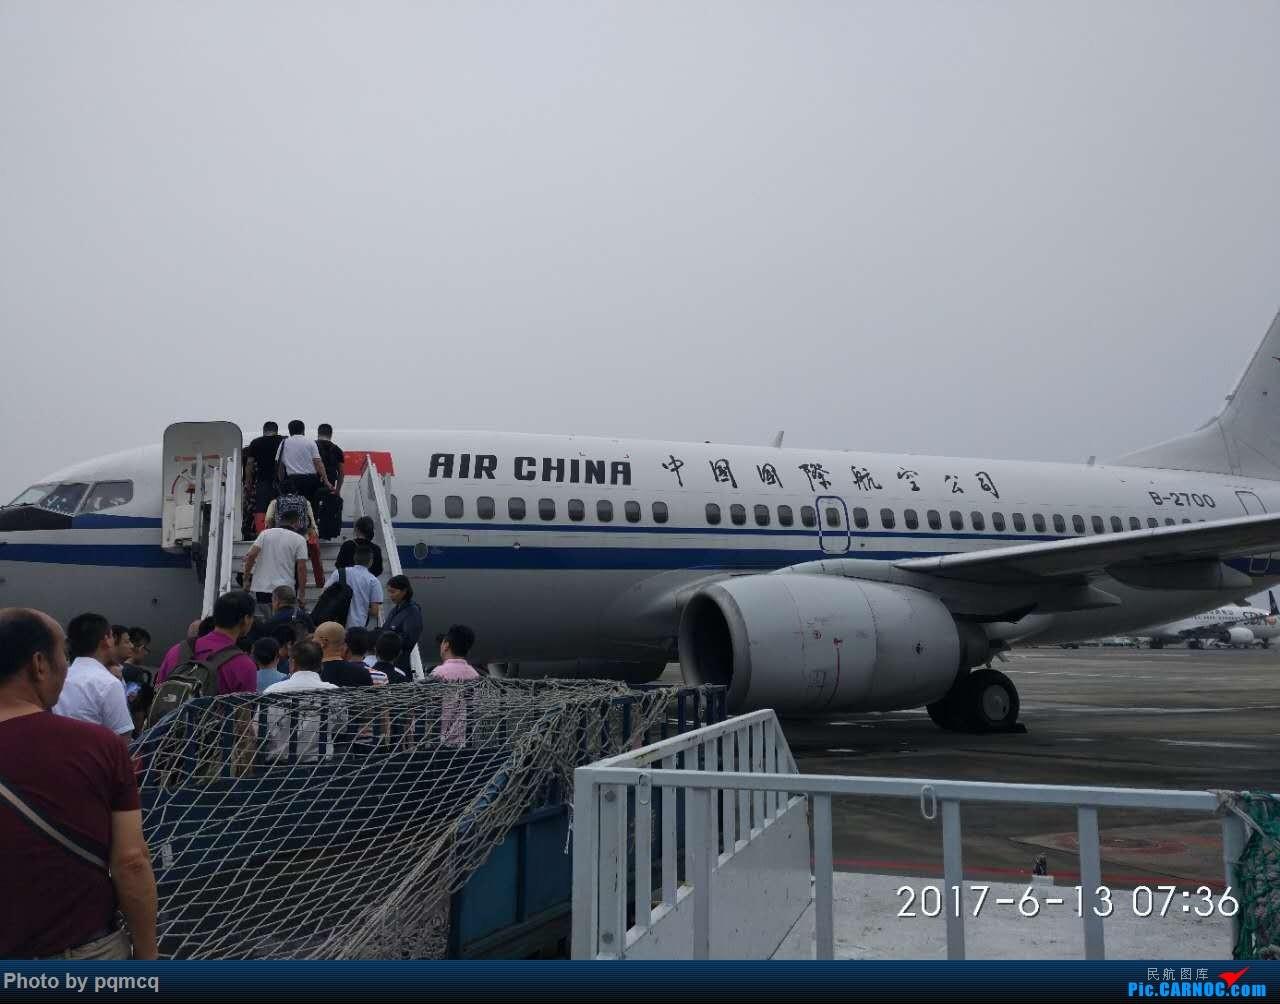 [原创]6月13日CKG-PEK CA4129航班